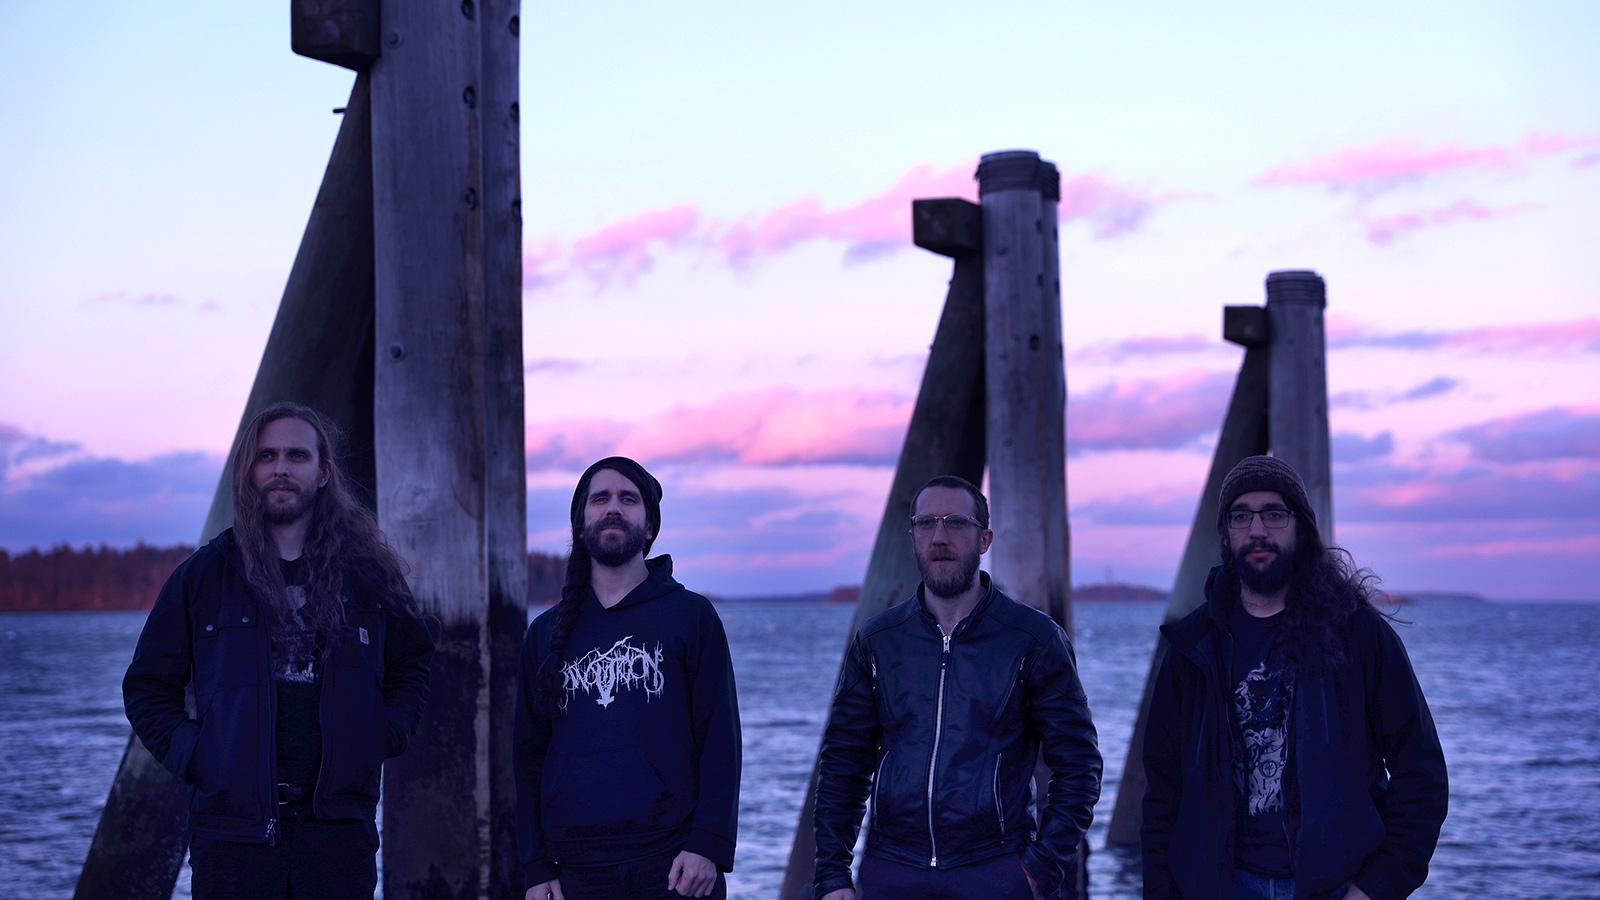 來聽聽Falls of Rauros的超讚全新黑金屬單曲,深受早期Darkthrone和Weakling樂團影響